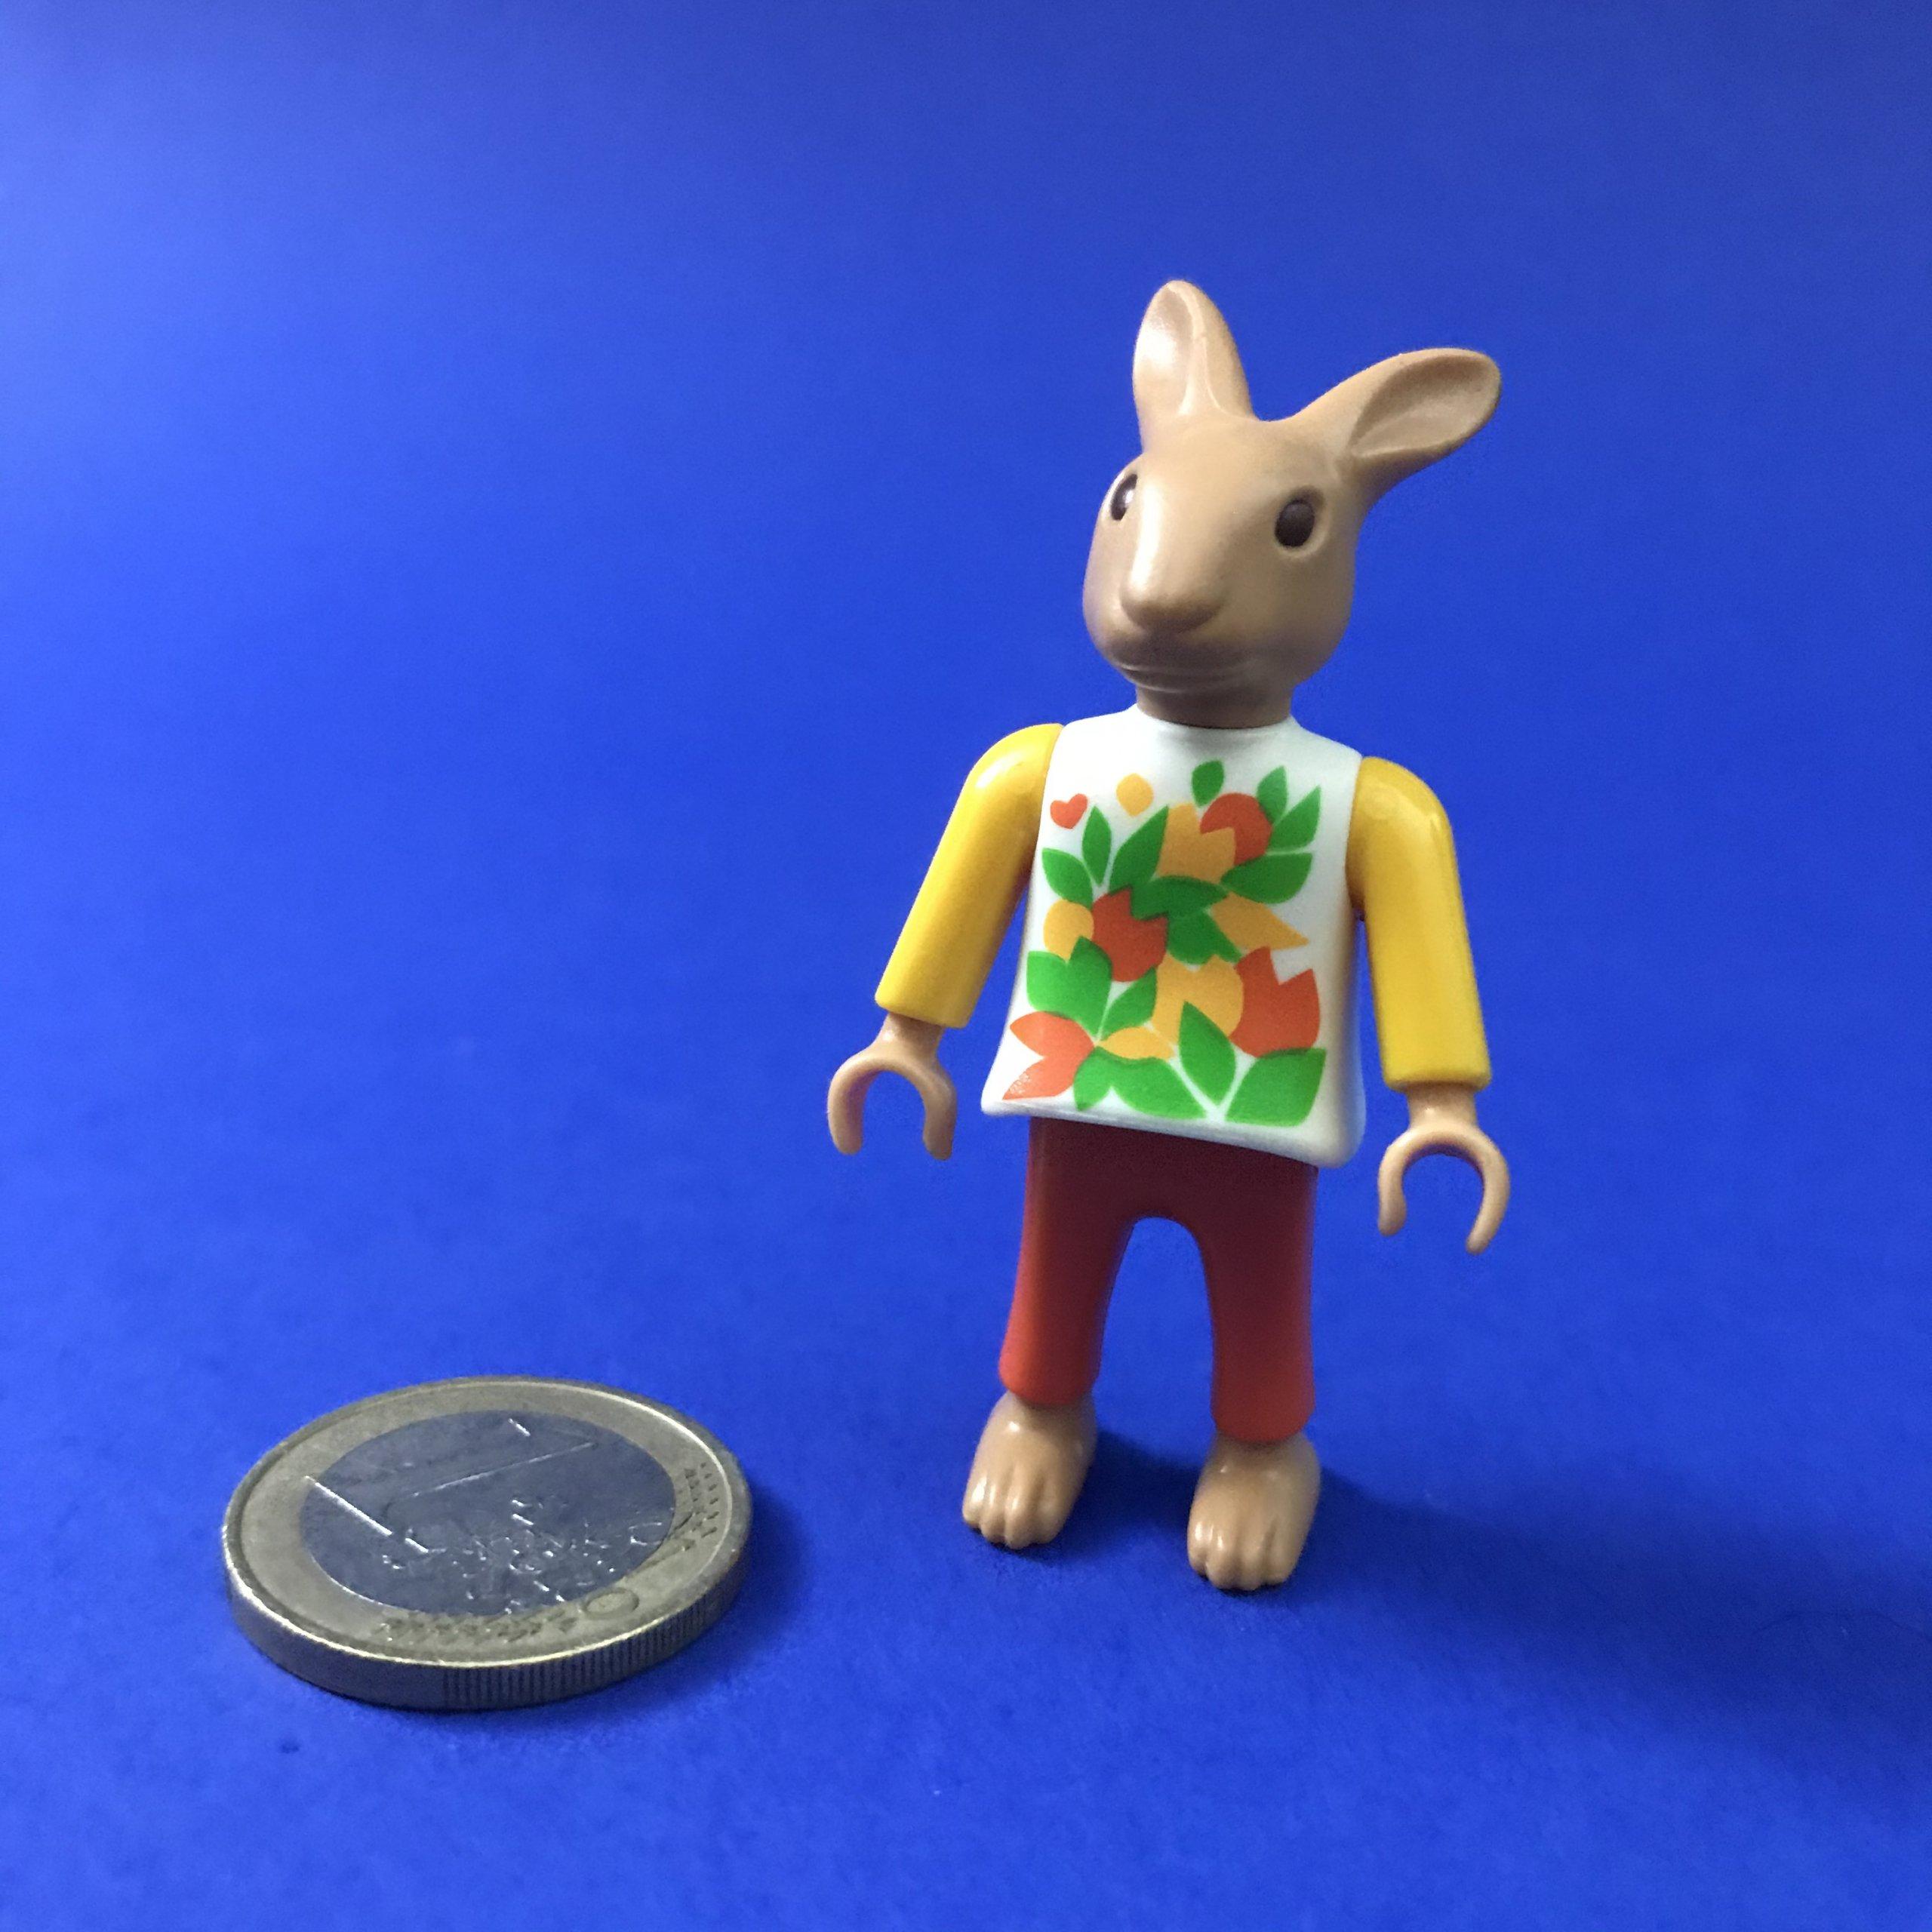 Playmobil-haas-klein